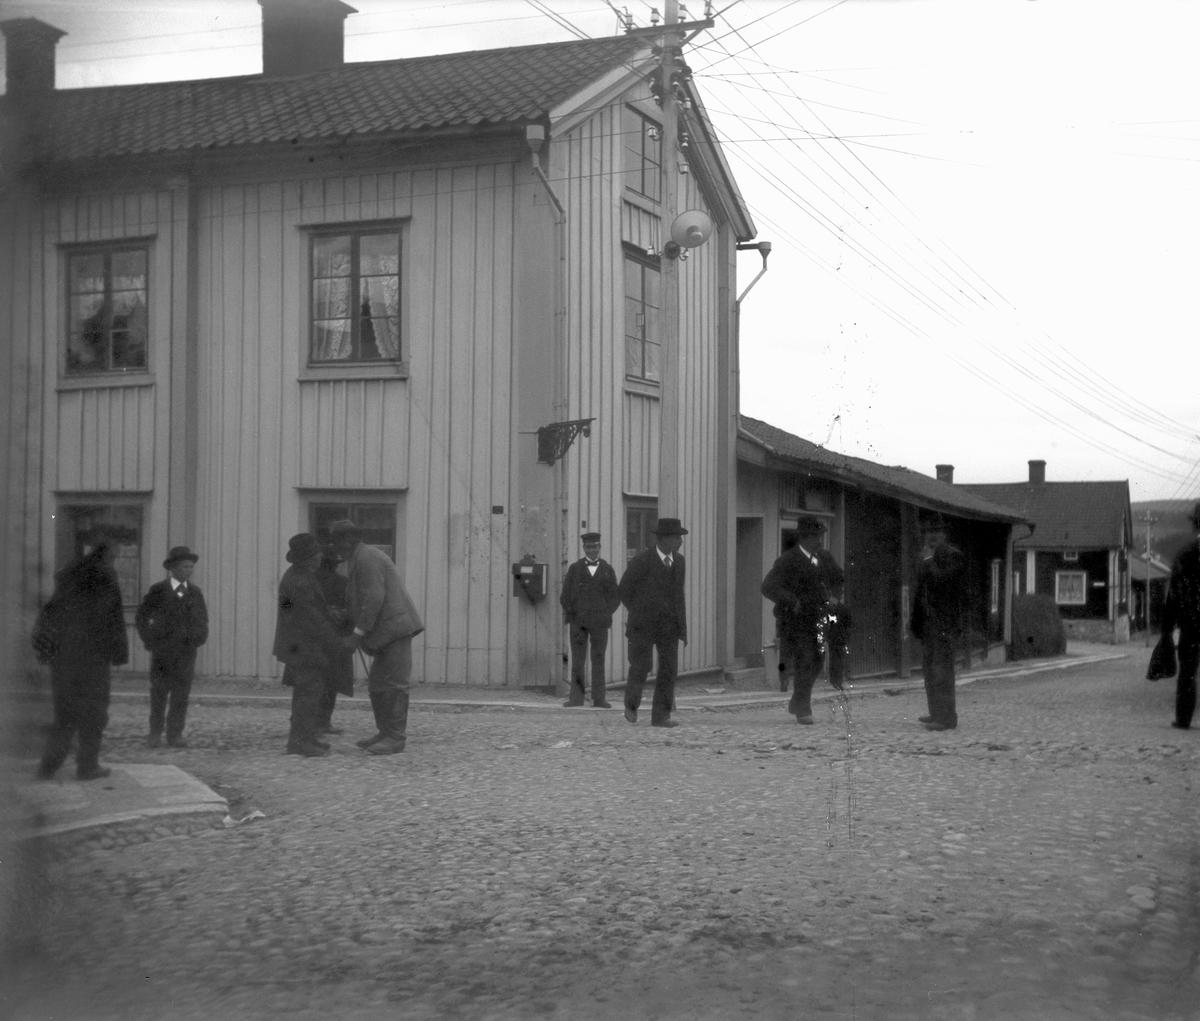 """Nora, bostadshus. Hörnet av Rådmansgatan/Storgatan. Huset var restaurang 47:an. Samma ingång hade nedre våningens ölstuga. I andra änden på detta hus fanns Systembolagets försäljning i Nora. Där brann denna lokal en natt på 1960-talet. Lilla huset med två skorstenarna är """"Åkar-Axels hus i korsningen Rådmansgatan / Borgmästargatan. Åkar-Axels hus finns ännu bevarat (år 2016). Strax hitom Åkar-Axels hus byggdes sedermera badhuset som ännu finns kvar ( år 2016), men inte som badhus. Observera brandlarmsskåpet där man skulle trycka in ett glas för att larma brandkåren."""